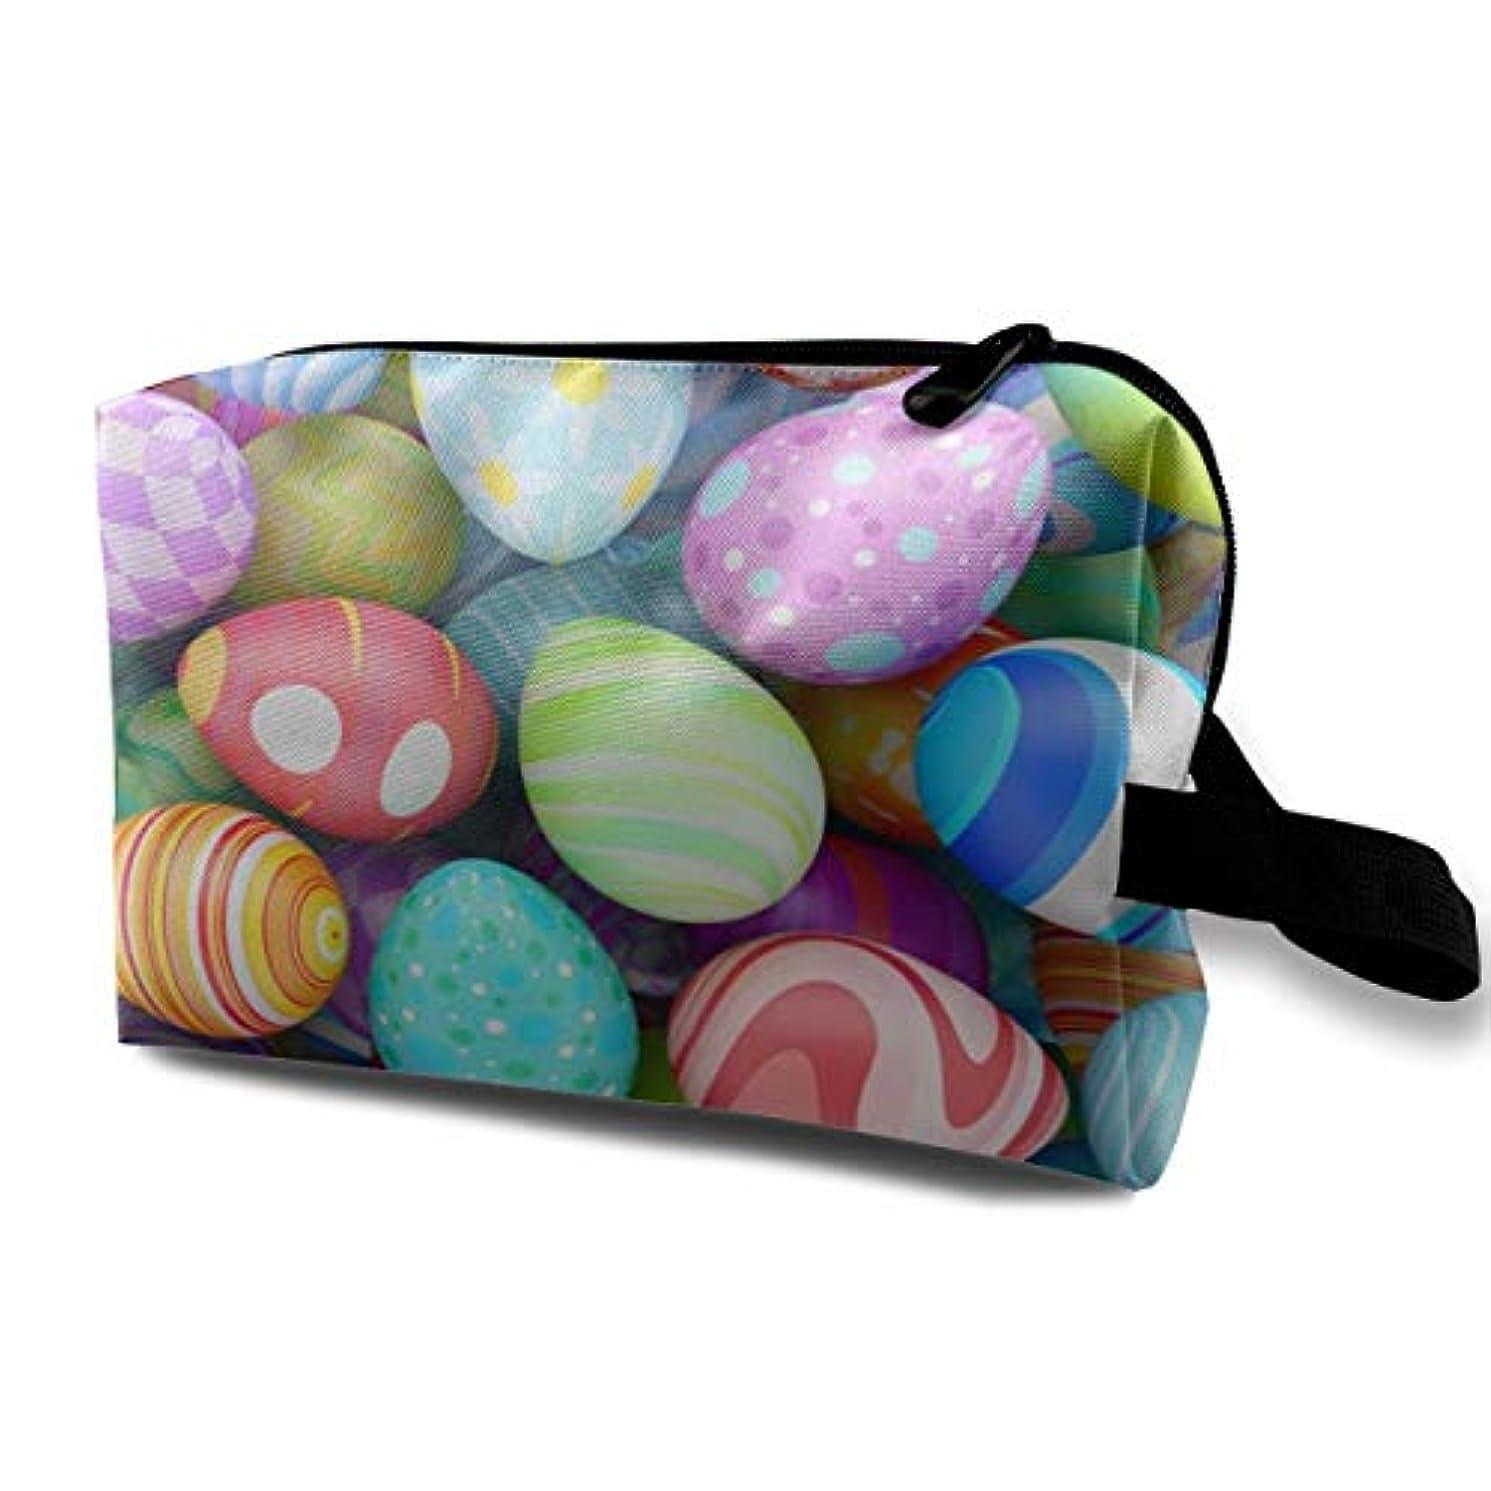 蓮銀バッジColorful Beautiful Easter Eggs 収納ポーチ 化粧ポーチ 大容量 軽量 耐久性 ハンドル付持ち運び便利。入れ 自宅?出張?旅行?アウトドア撮影などに対応。メンズ レディース トラベルグッズ